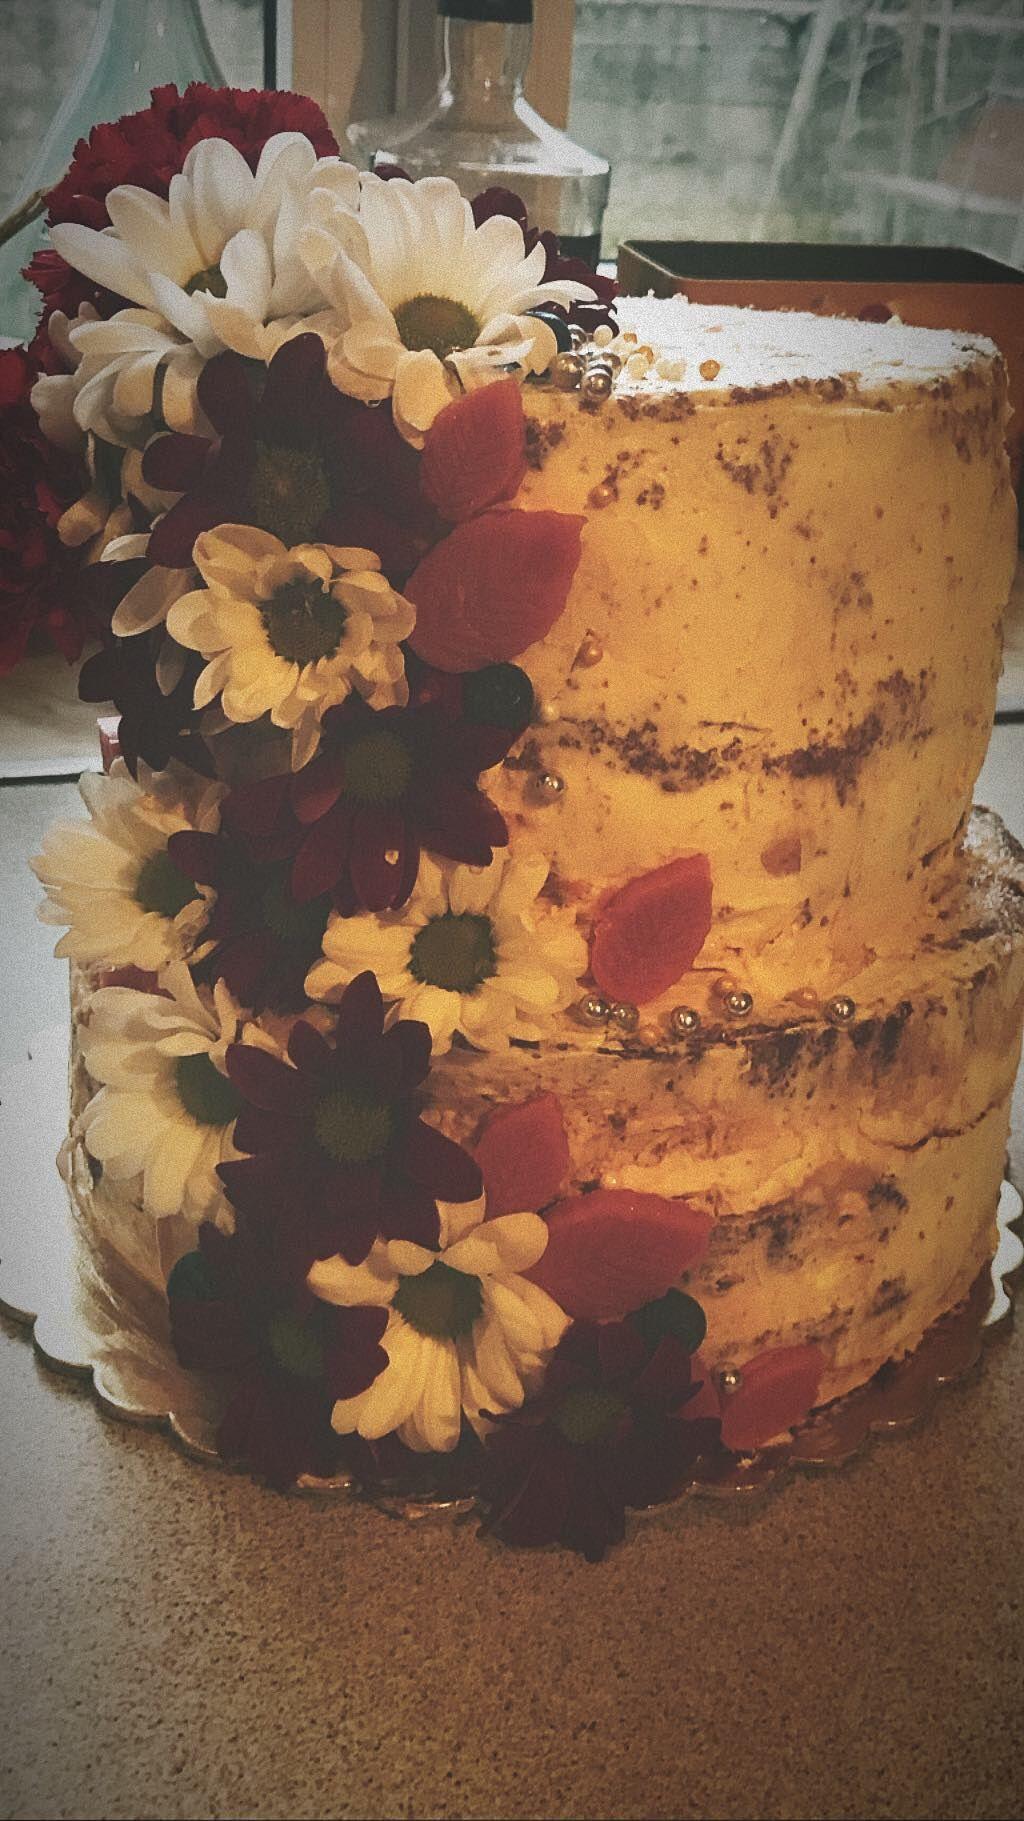 Birthdaycake Cake Urodziny Tort Zywe Kwiaty Painting Art